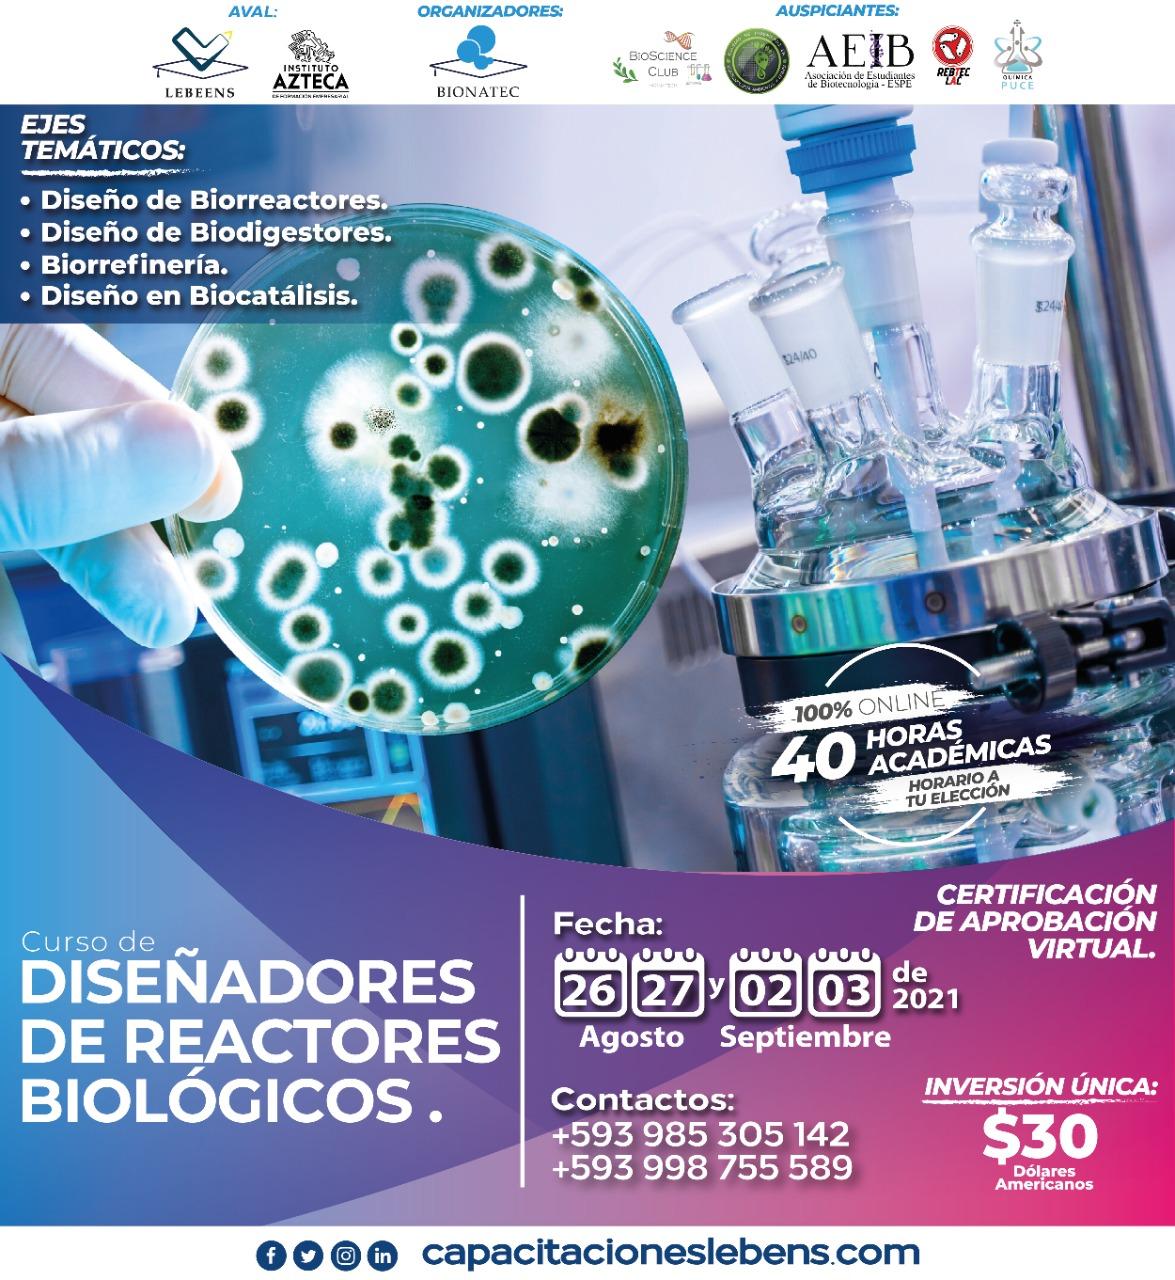 Curso de diseñadores de reactores biológivos